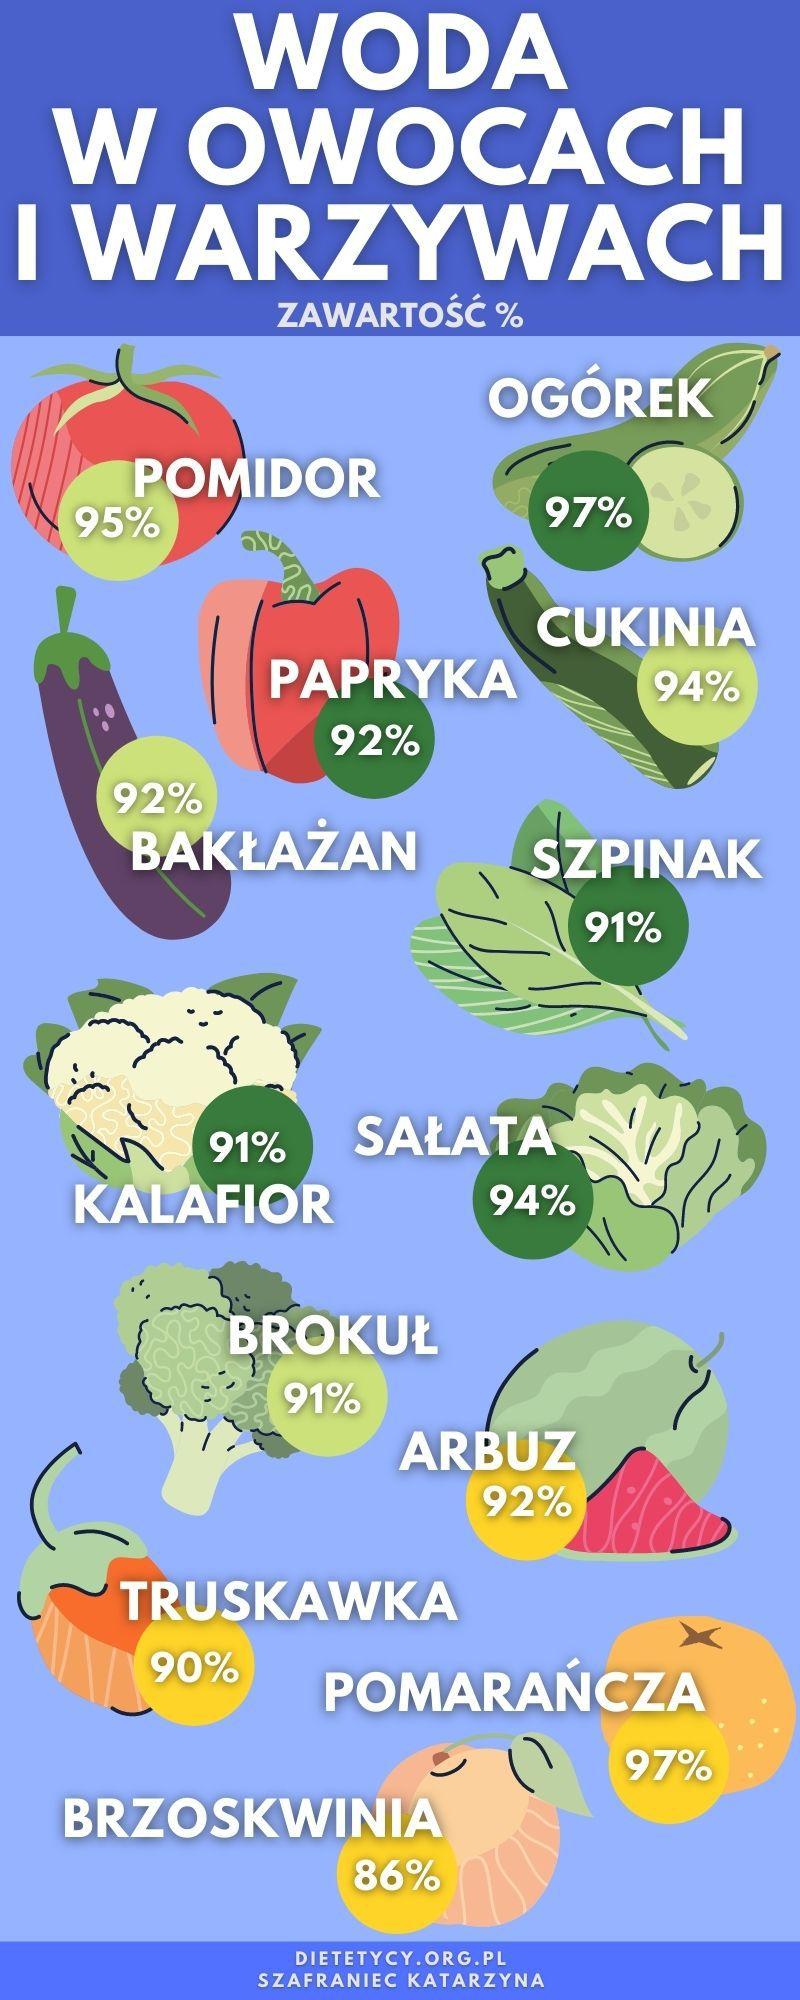 woda w owocach i warzywach infografika